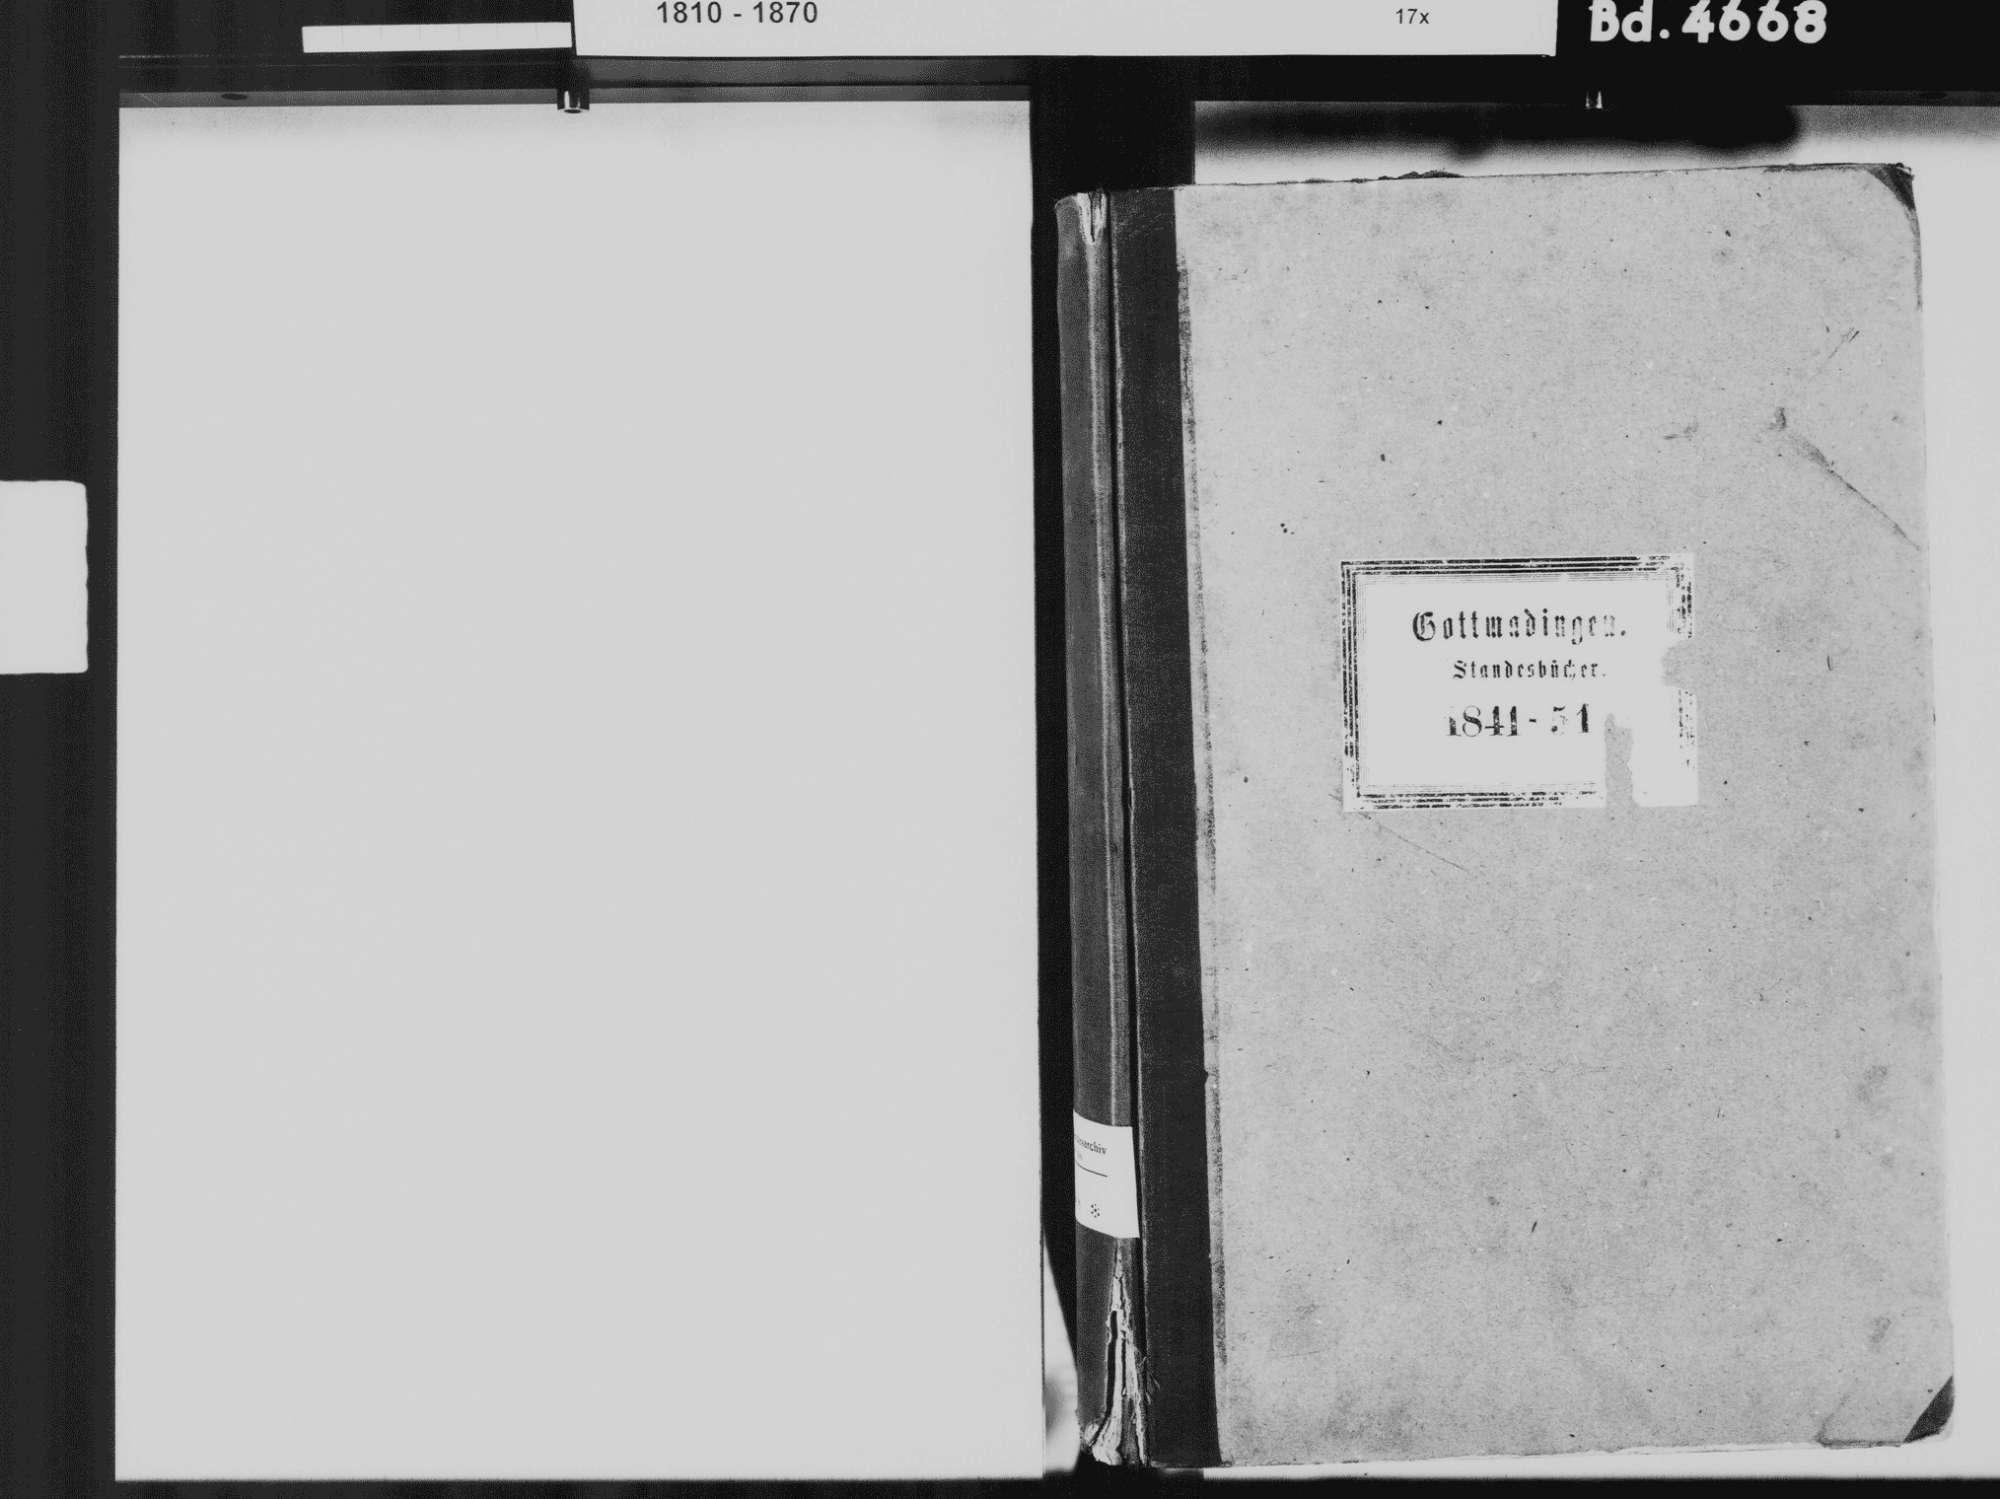 Gottmadingen KN; Katholische Gemeinde: Standesbuch 1841-1851, Bild 3